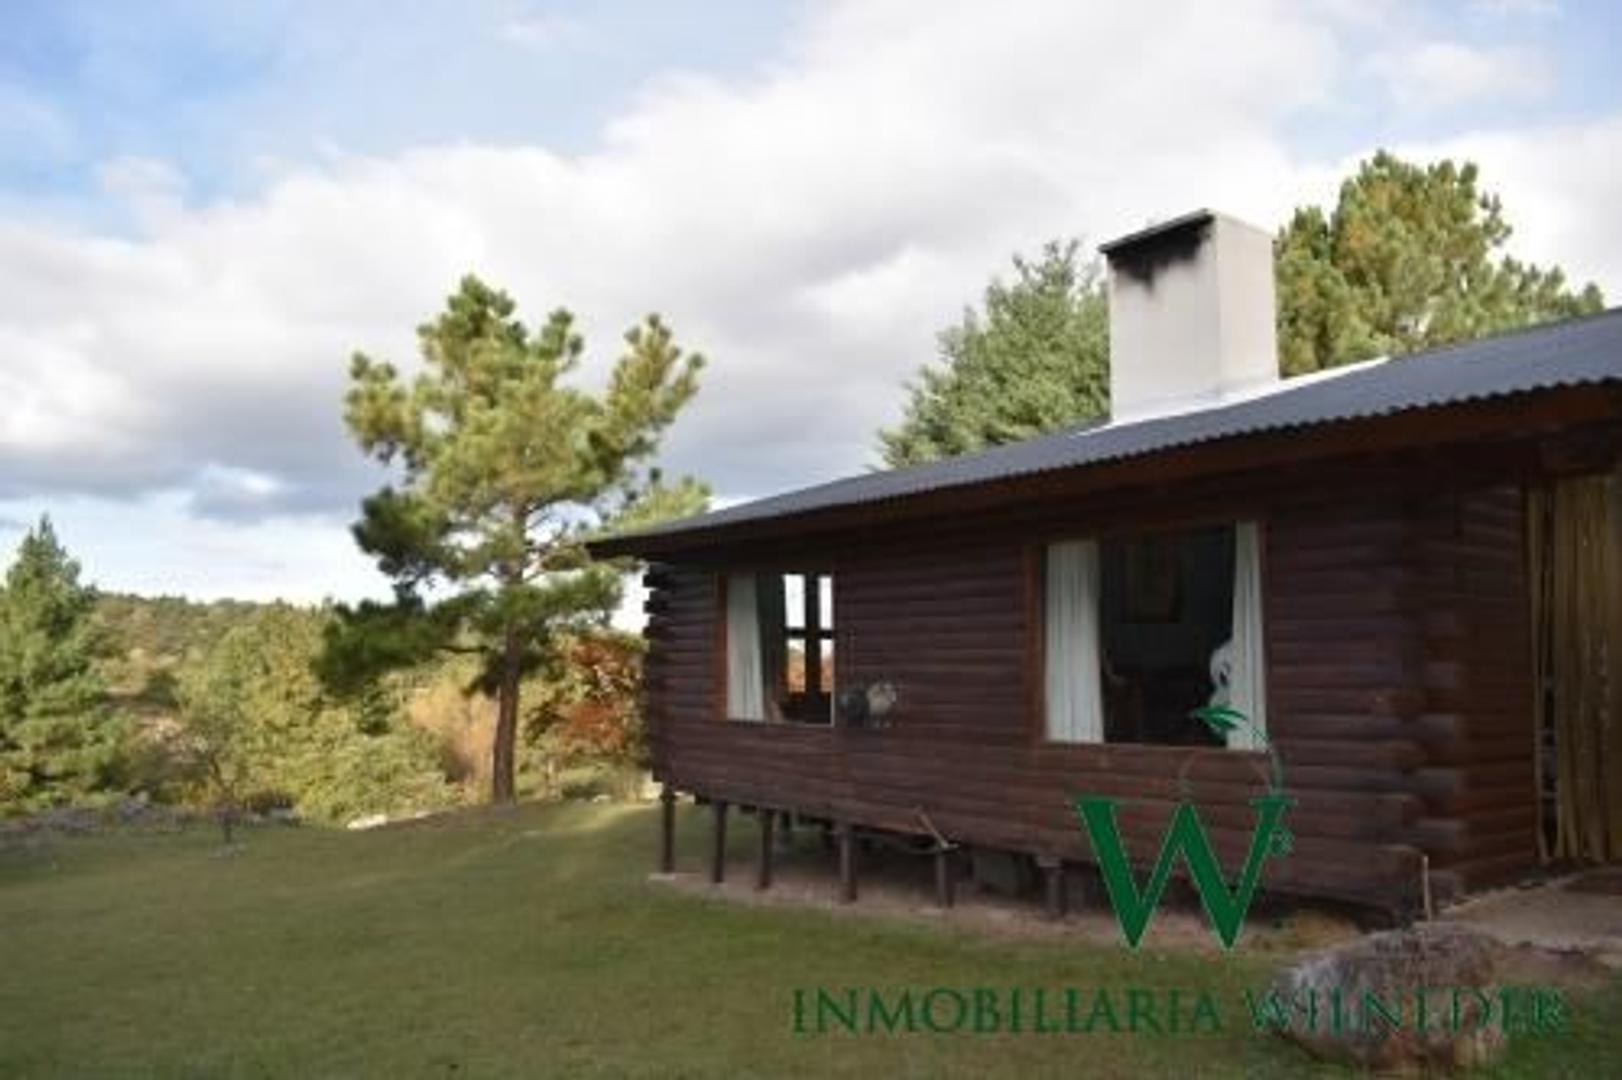 Cabañas sustentables con energía solar en fracciones de 5.000 mts2 a 10.000 mts2. Hermosas Vistas